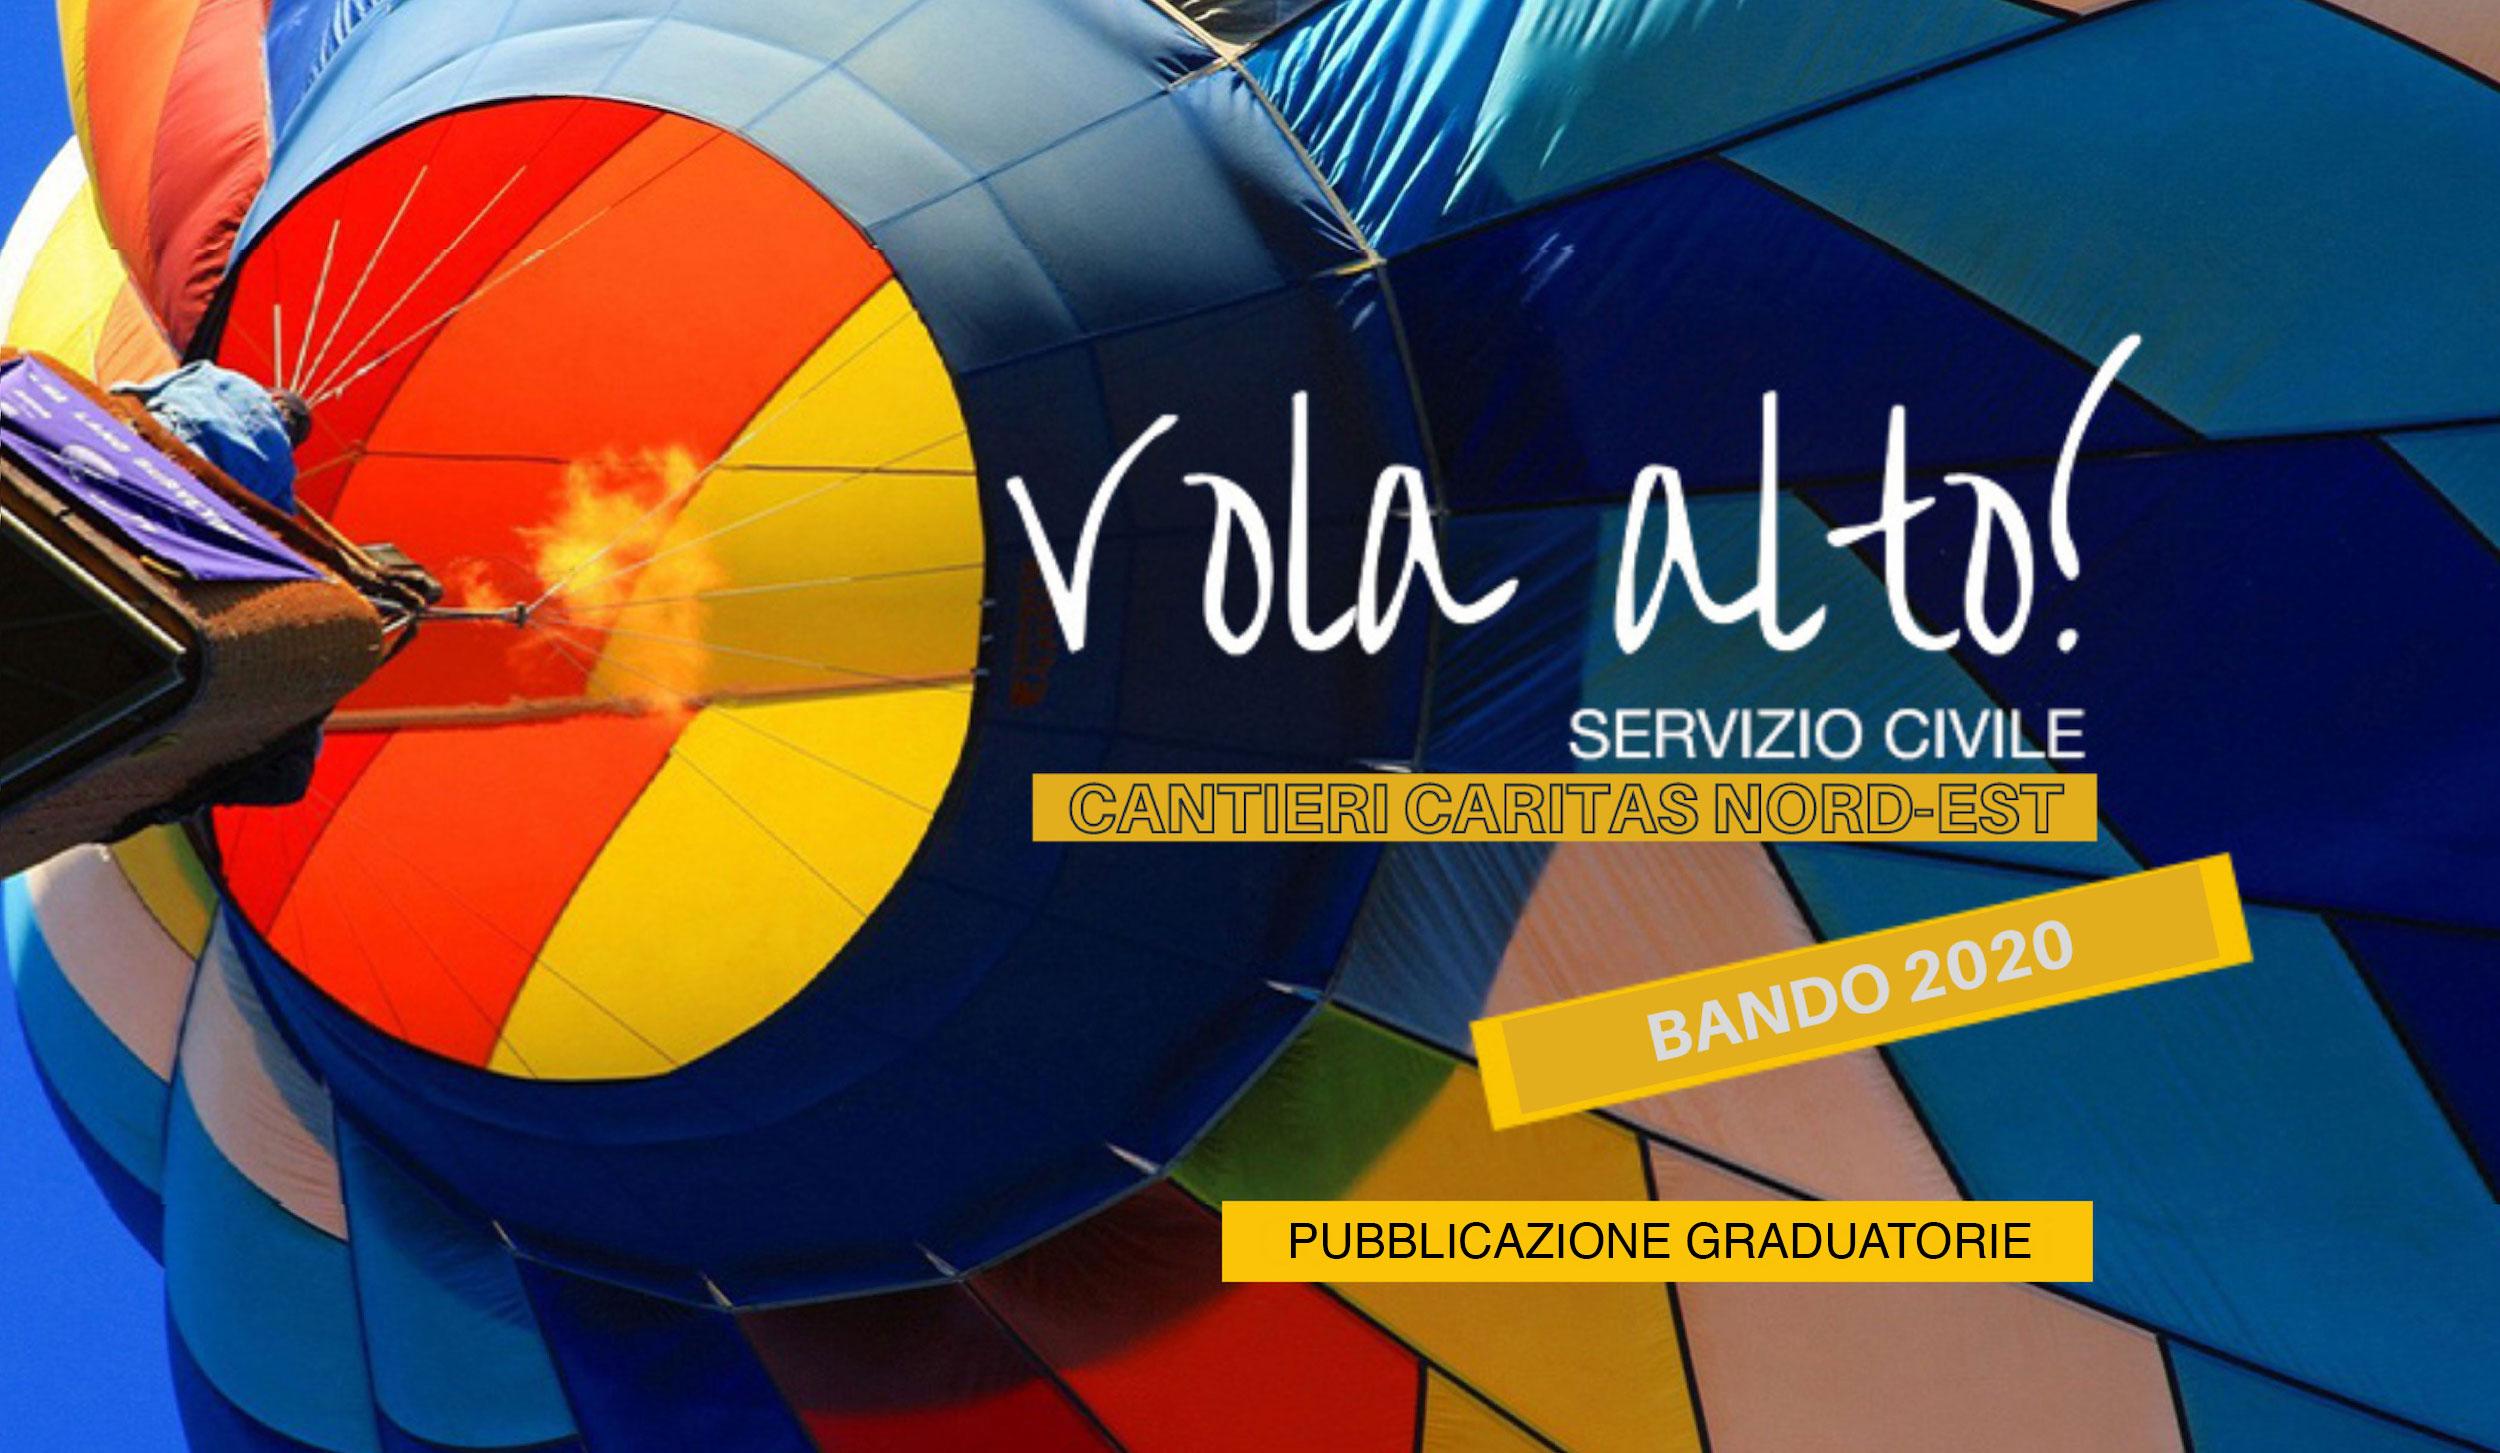 Servizio Civile Universale, pubblicazione delle graduatorie